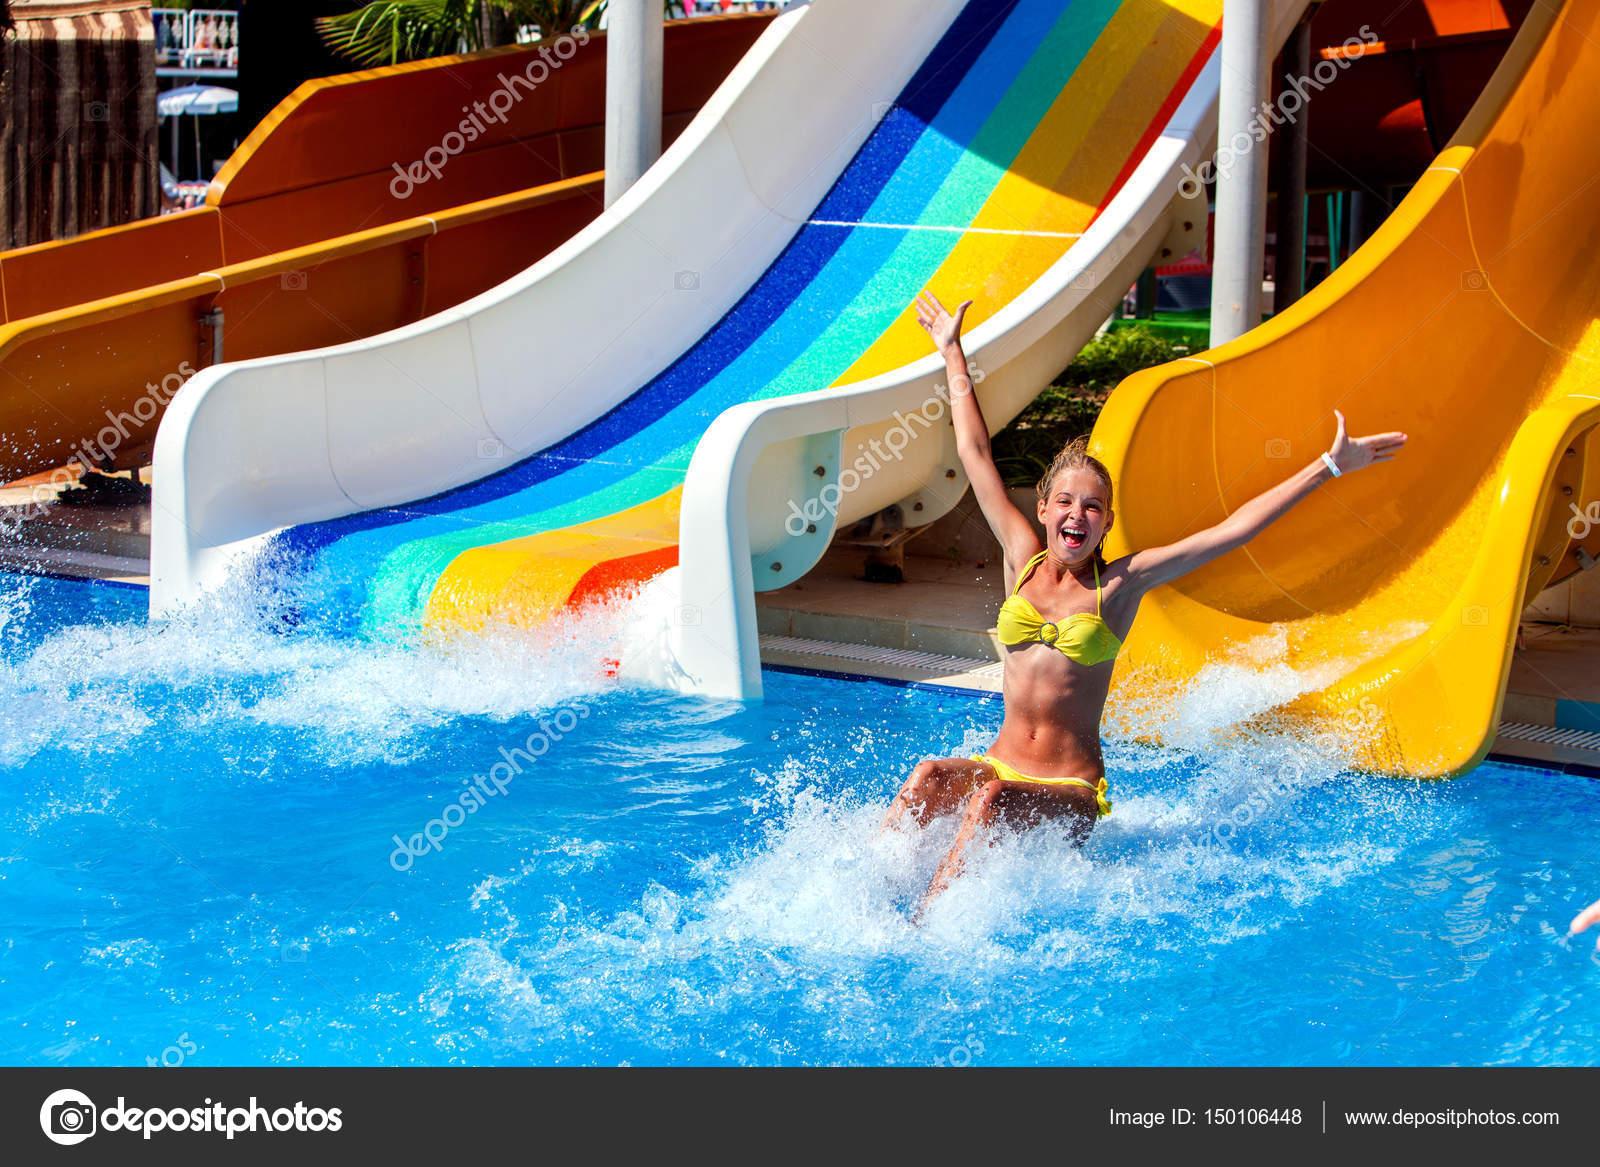 GroBartig Schwimmbad Folien Für Kinder Wasserrutsche Am Aquapark U2014 Stockfoto